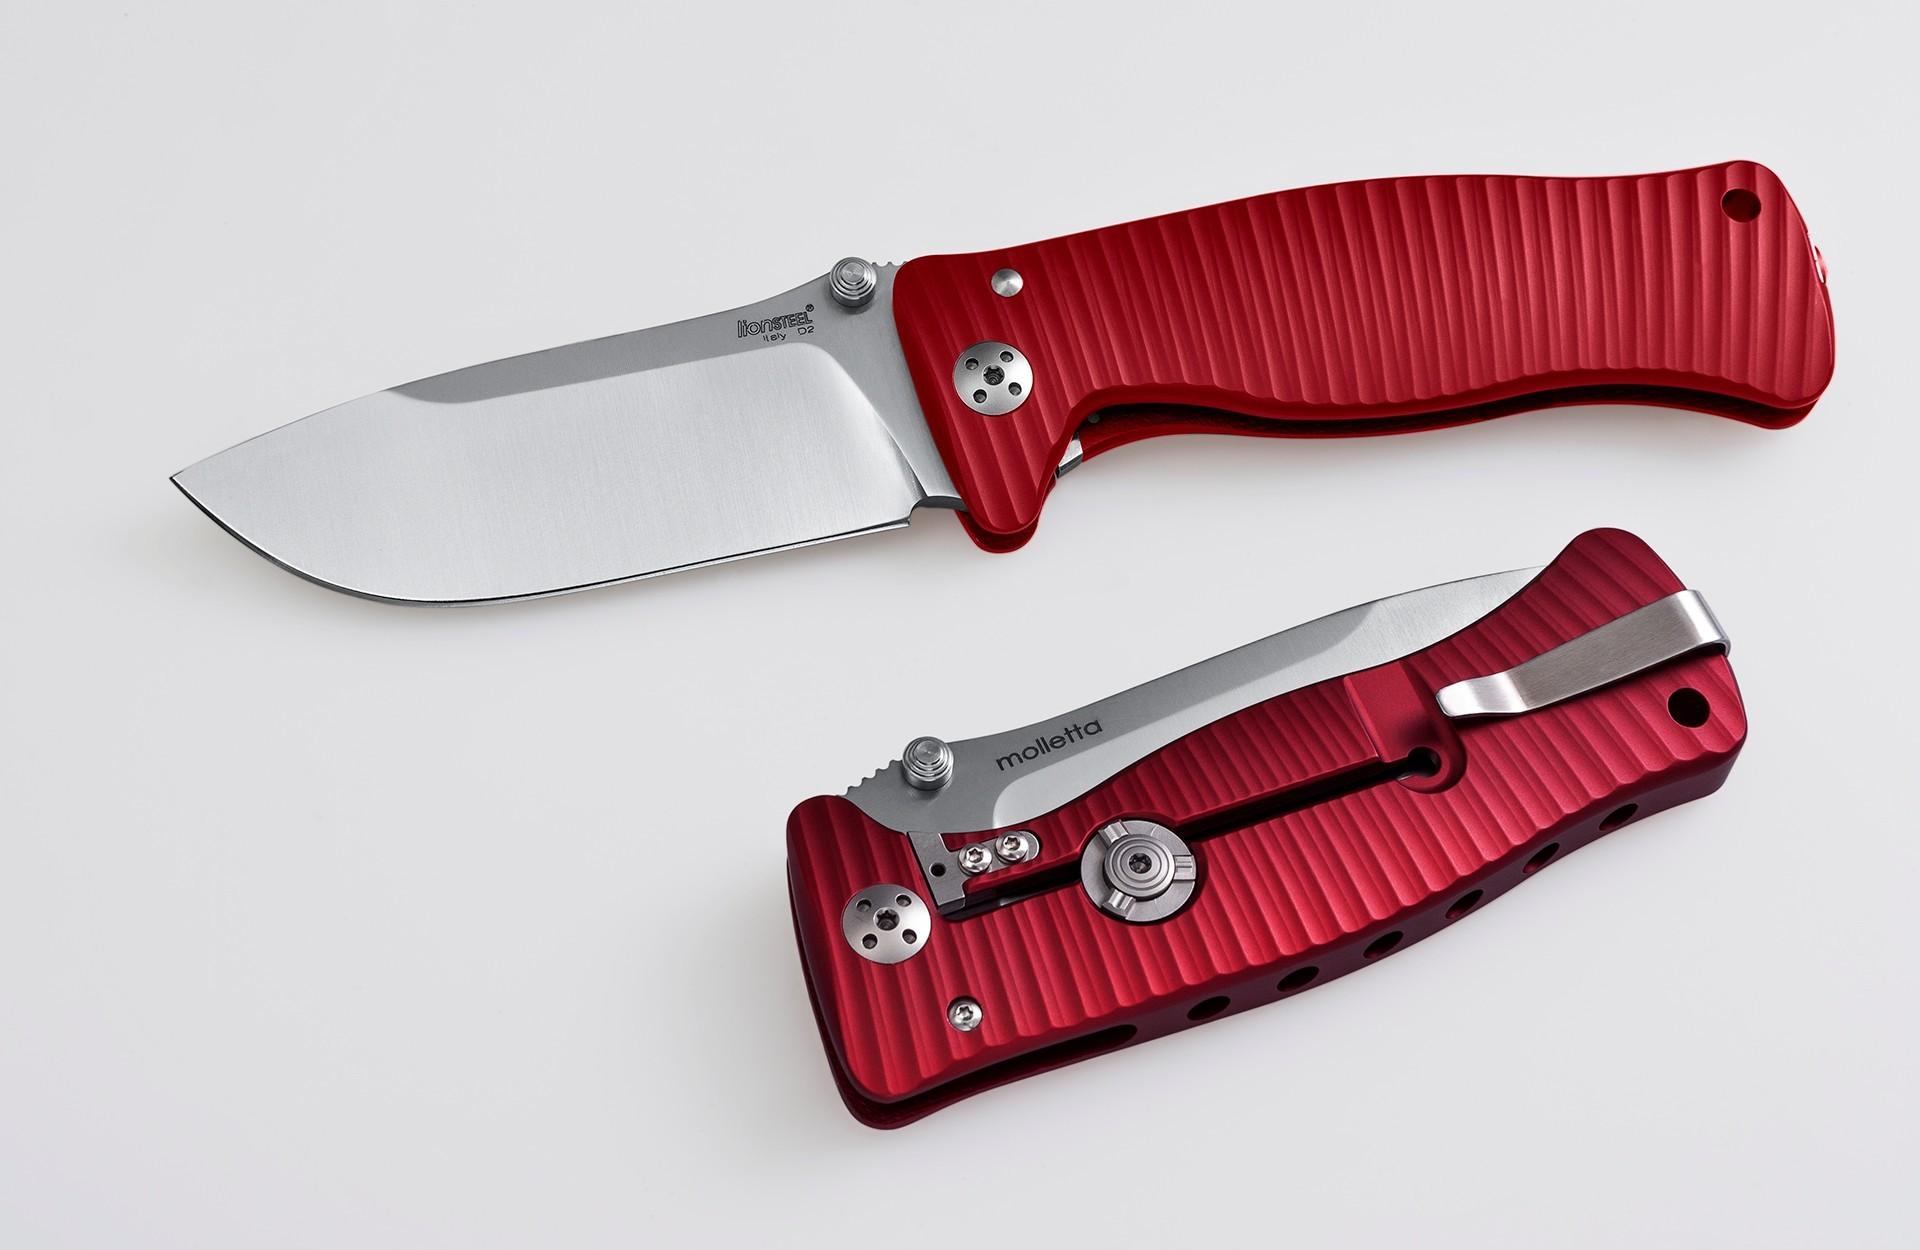 Фото 3 - Нож складной LionSteel SR1A RS RED, сталь D2 Satin Finish, рукоять алюминий (Solid®), красный от Lion Steel